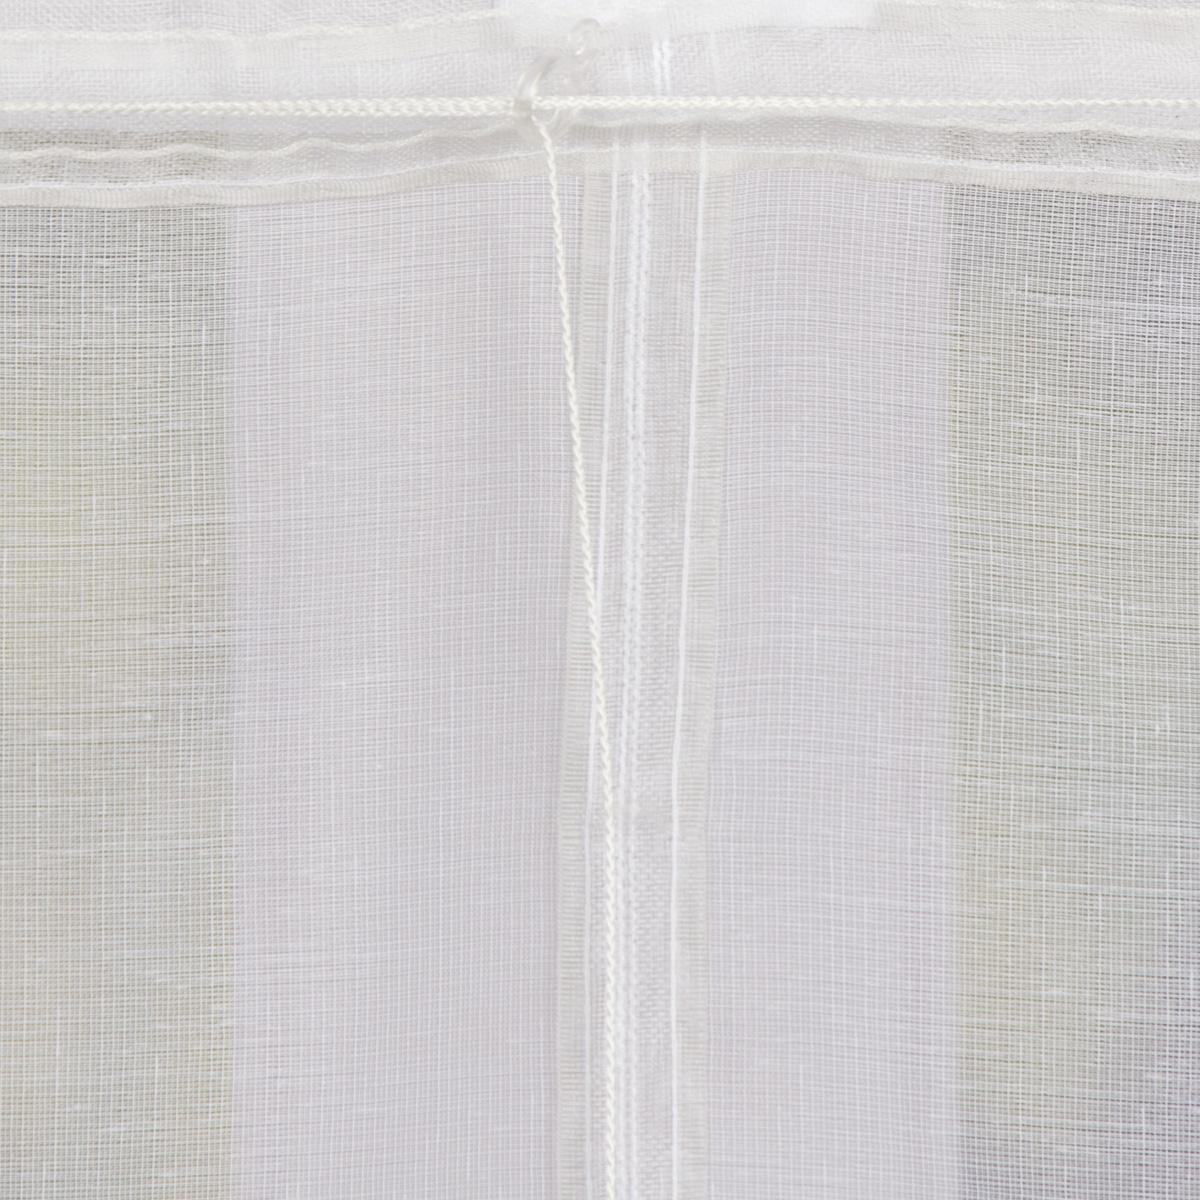 raffrollo rollo schlaufen wei transparent mit streifen 120x140cm fertiggardinen raffrollos. Black Bedroom Furniture Sets. Home Design Ideas